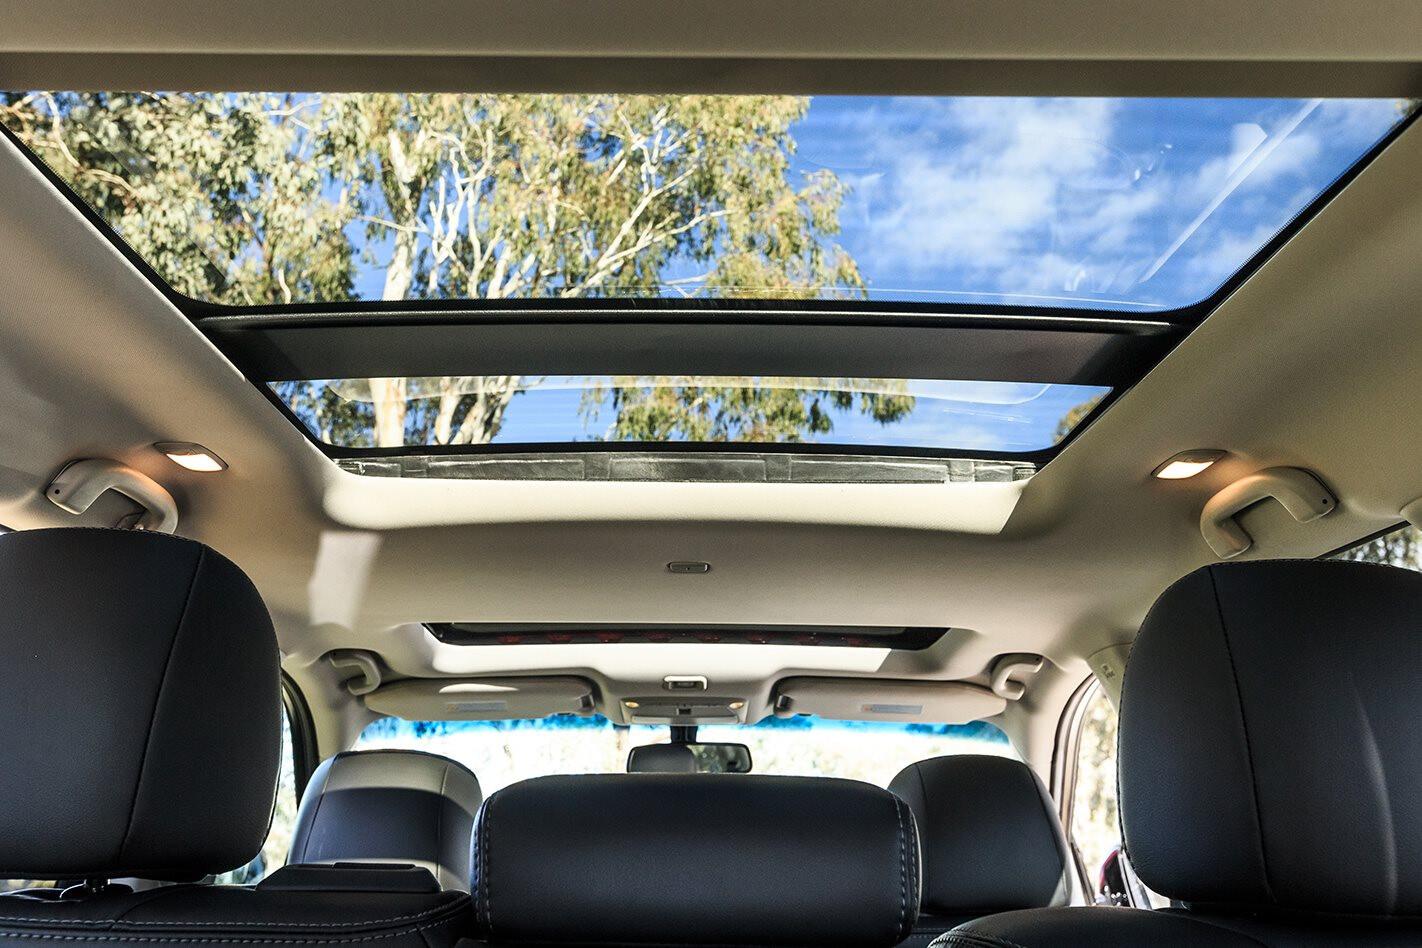 Panoramic Sunroof With Sunshade In Vehicle Jpg